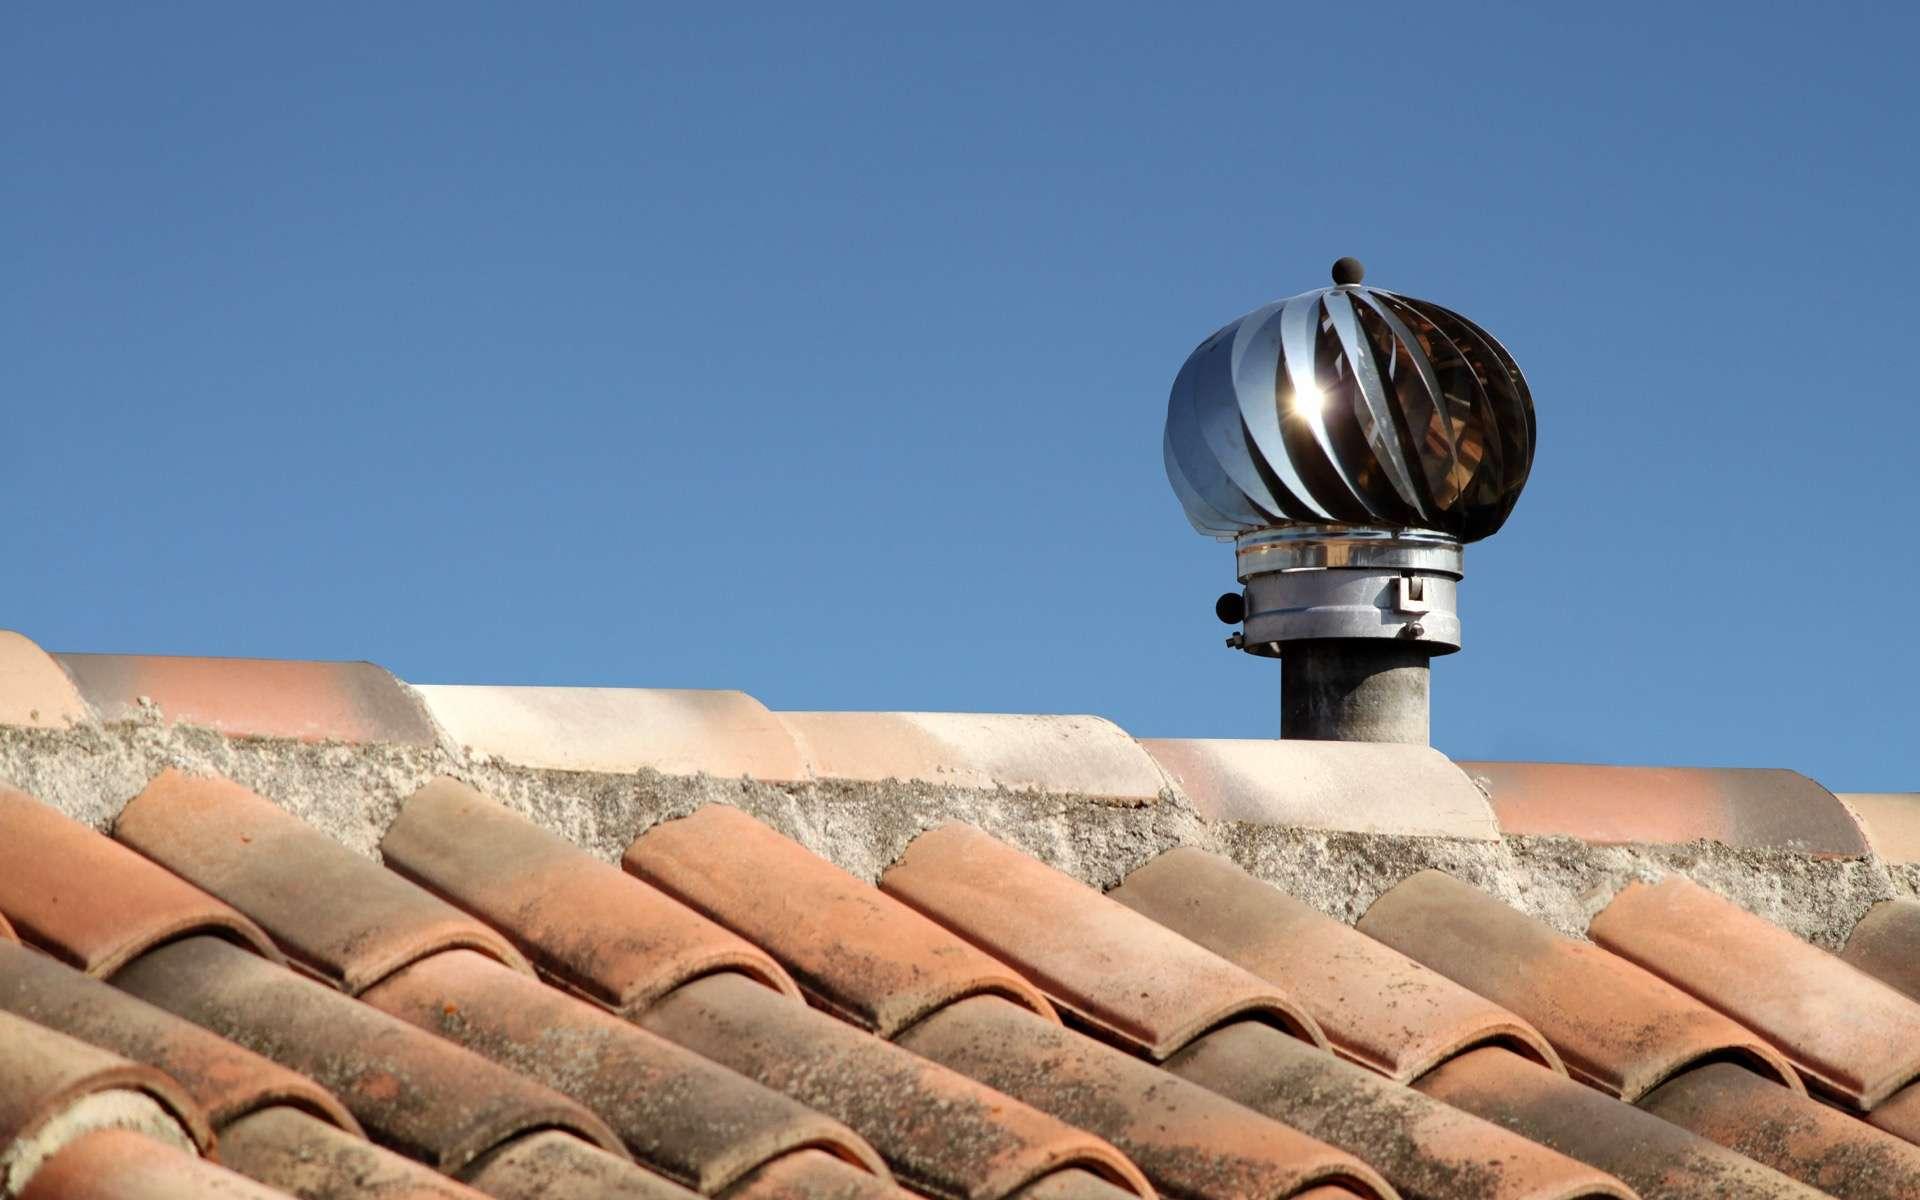 La VMC simple-flux, ou ventilation mécanique contrôlée, est la solution la plus économique pour évacuer l'air vicié et pour le remplacer par un apport d'air frais de l'extérieur. © Jackin, Adobe Stock